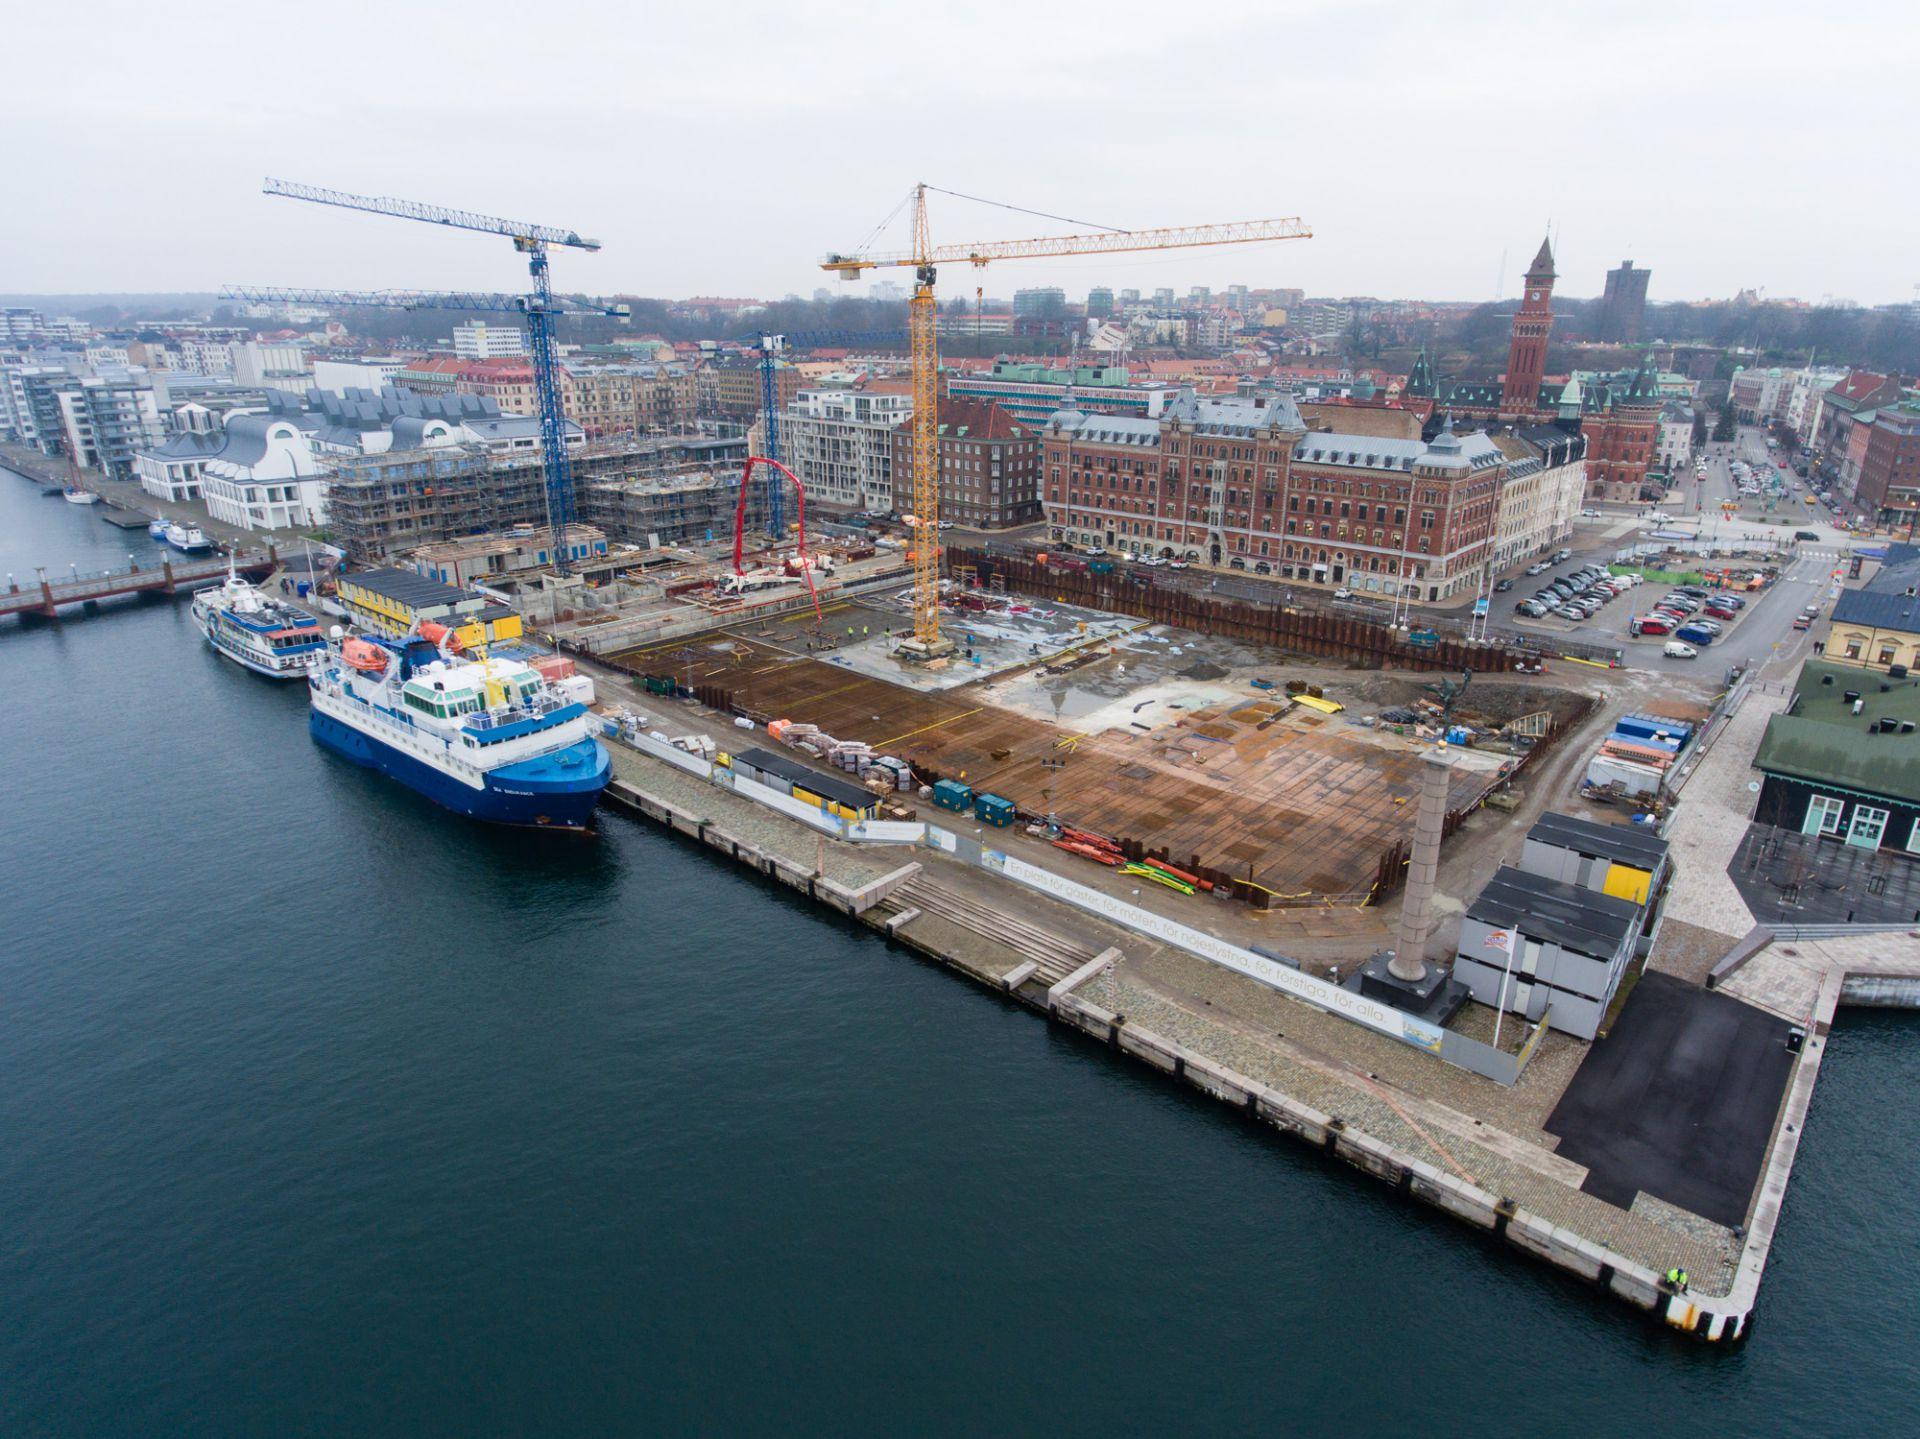 Översikt utav byggplatsen för kongresshuset mitt i Helsingborg vid kajkanten och Helsingborg stad.